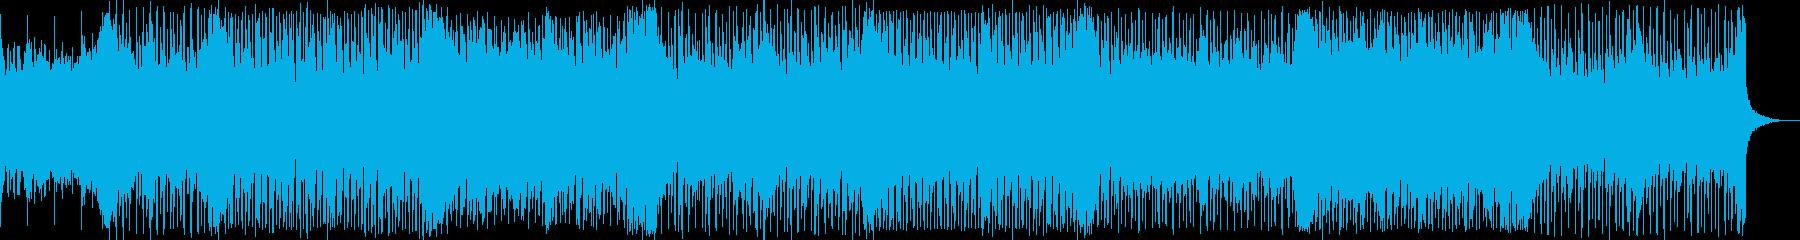 涼しい爽やかな風の流れの様なテクノ曲の再生済みの波形